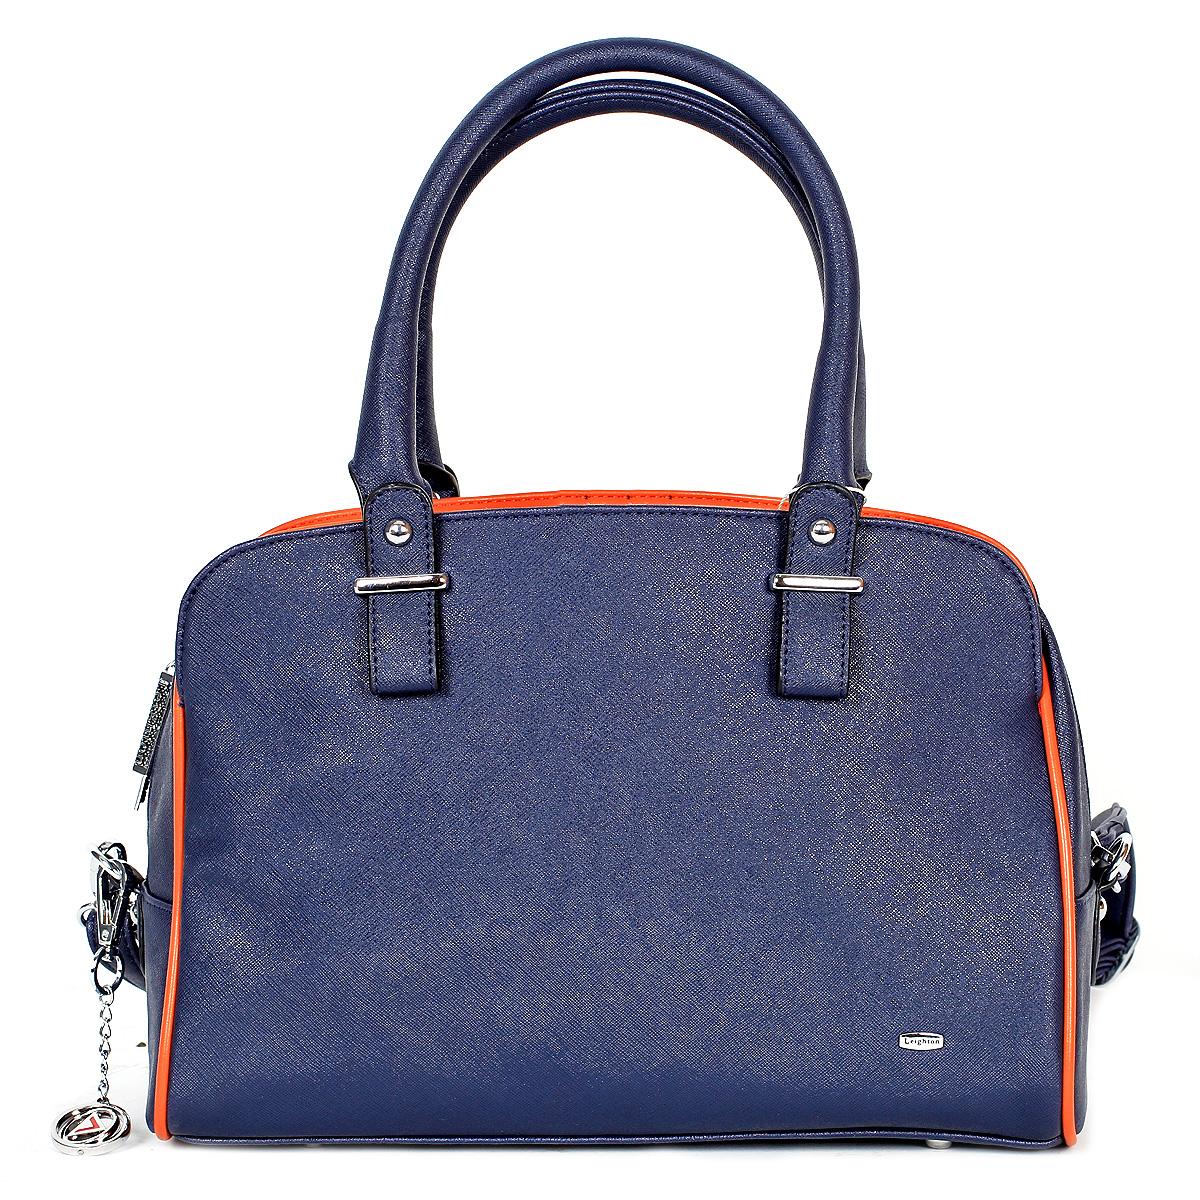 Сумка женская Leighton, цвет: синий, оранжевый. 590114-3769101225Изысканная и стильная сумка Leighton выполнена из высококачественной искусственной кожи. Сумка состоит из трех отделений, среднее закрывается на застежку-молнию, а боковые на магнитные кнопки. Внутри среднего отделения - два накладных кармашка и один втачной на застежке-молнии. Задняя сторона дополнена плоским врезным карманом на застежке-молнии. Сумка оснащена двумя удобными ручками и регулируемым плечевым ремнем. Дно дополнено металлическими ножками, защищающими изделие от повреждений.Классическое цветовое сочетание, стильный декор, модный дизайн - прекрасное дополнение к гардеробу модницы.